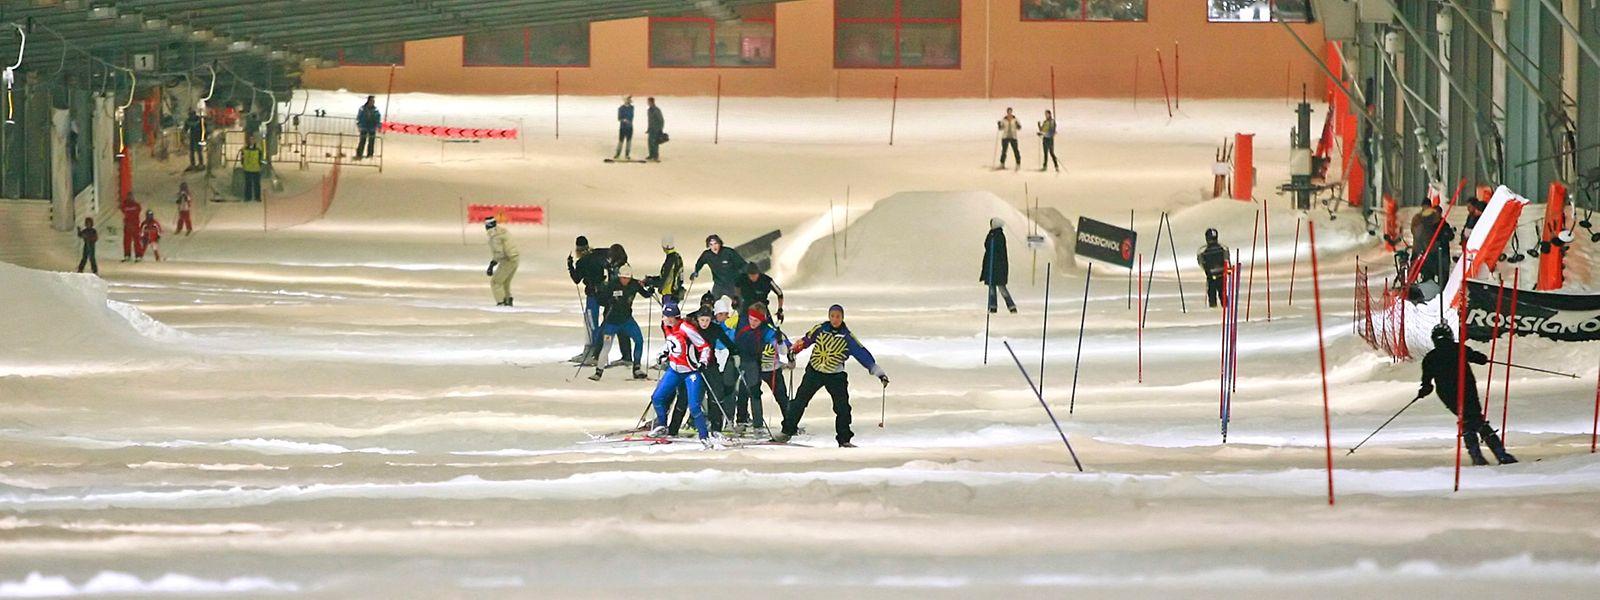 Le covid a mis à l'arrêt les 20 canons à neige nécessaires à la seule piste de ski indoor de France.